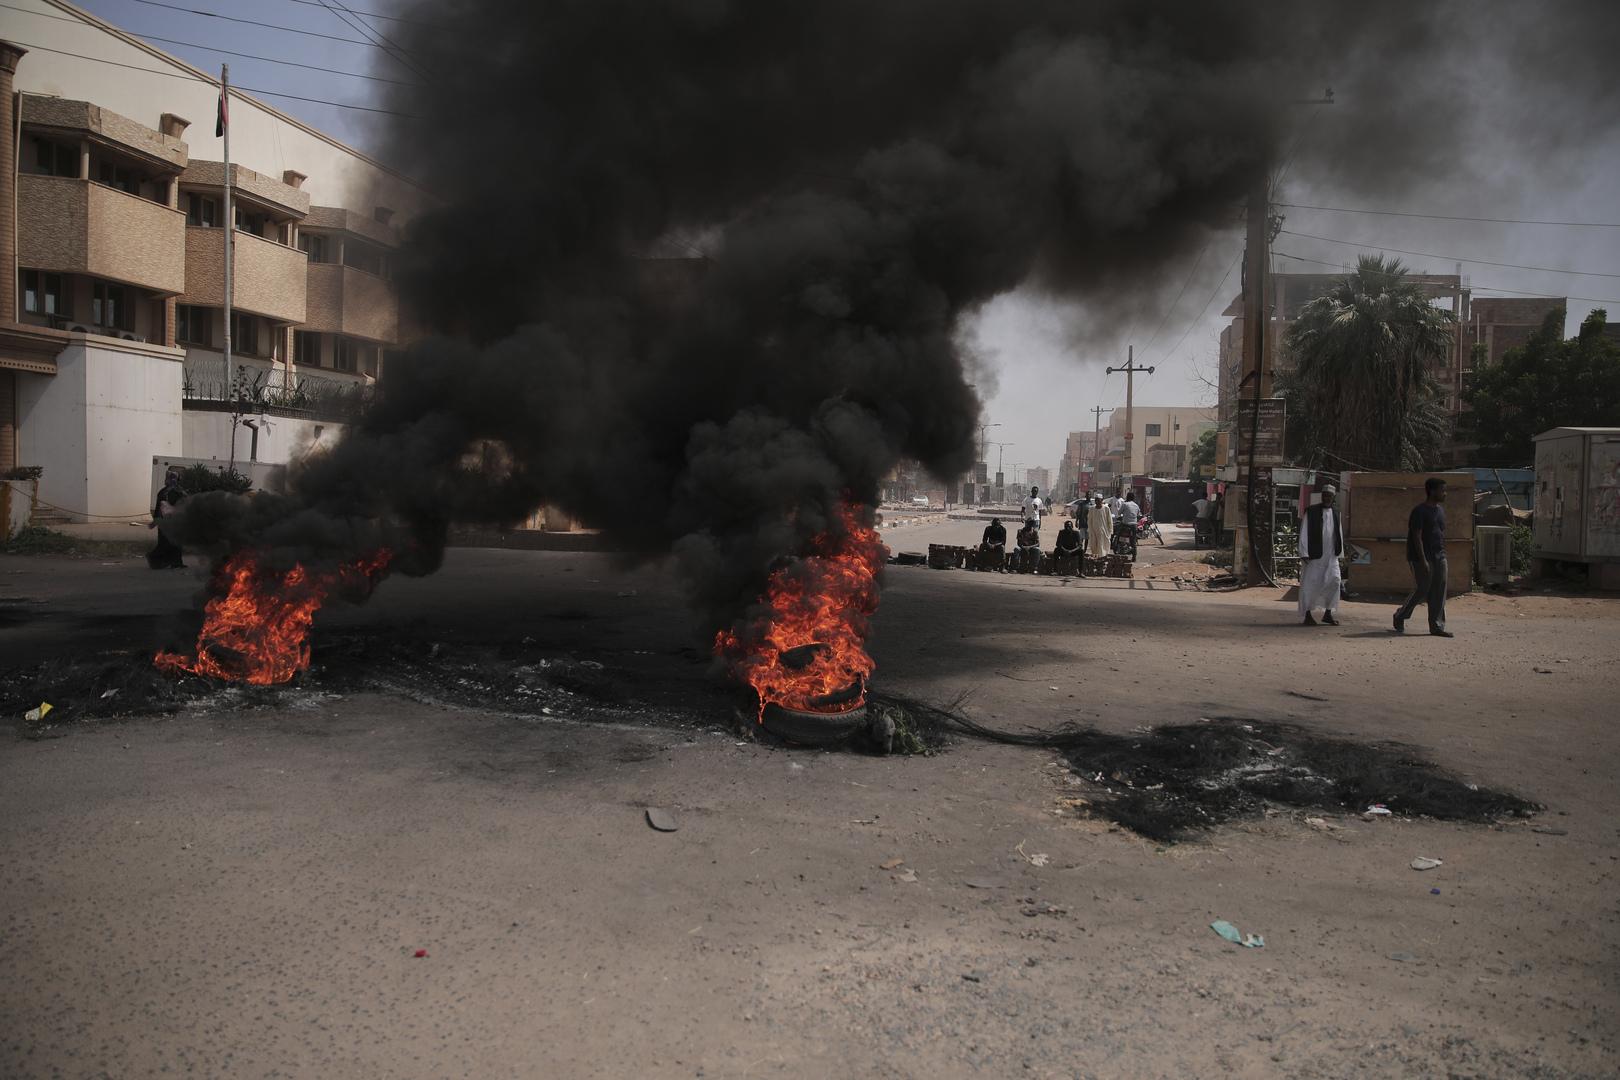 الاتحاد الإفريقي يعلق مشاركة السودان في كافة الأنشطة الخاصة به